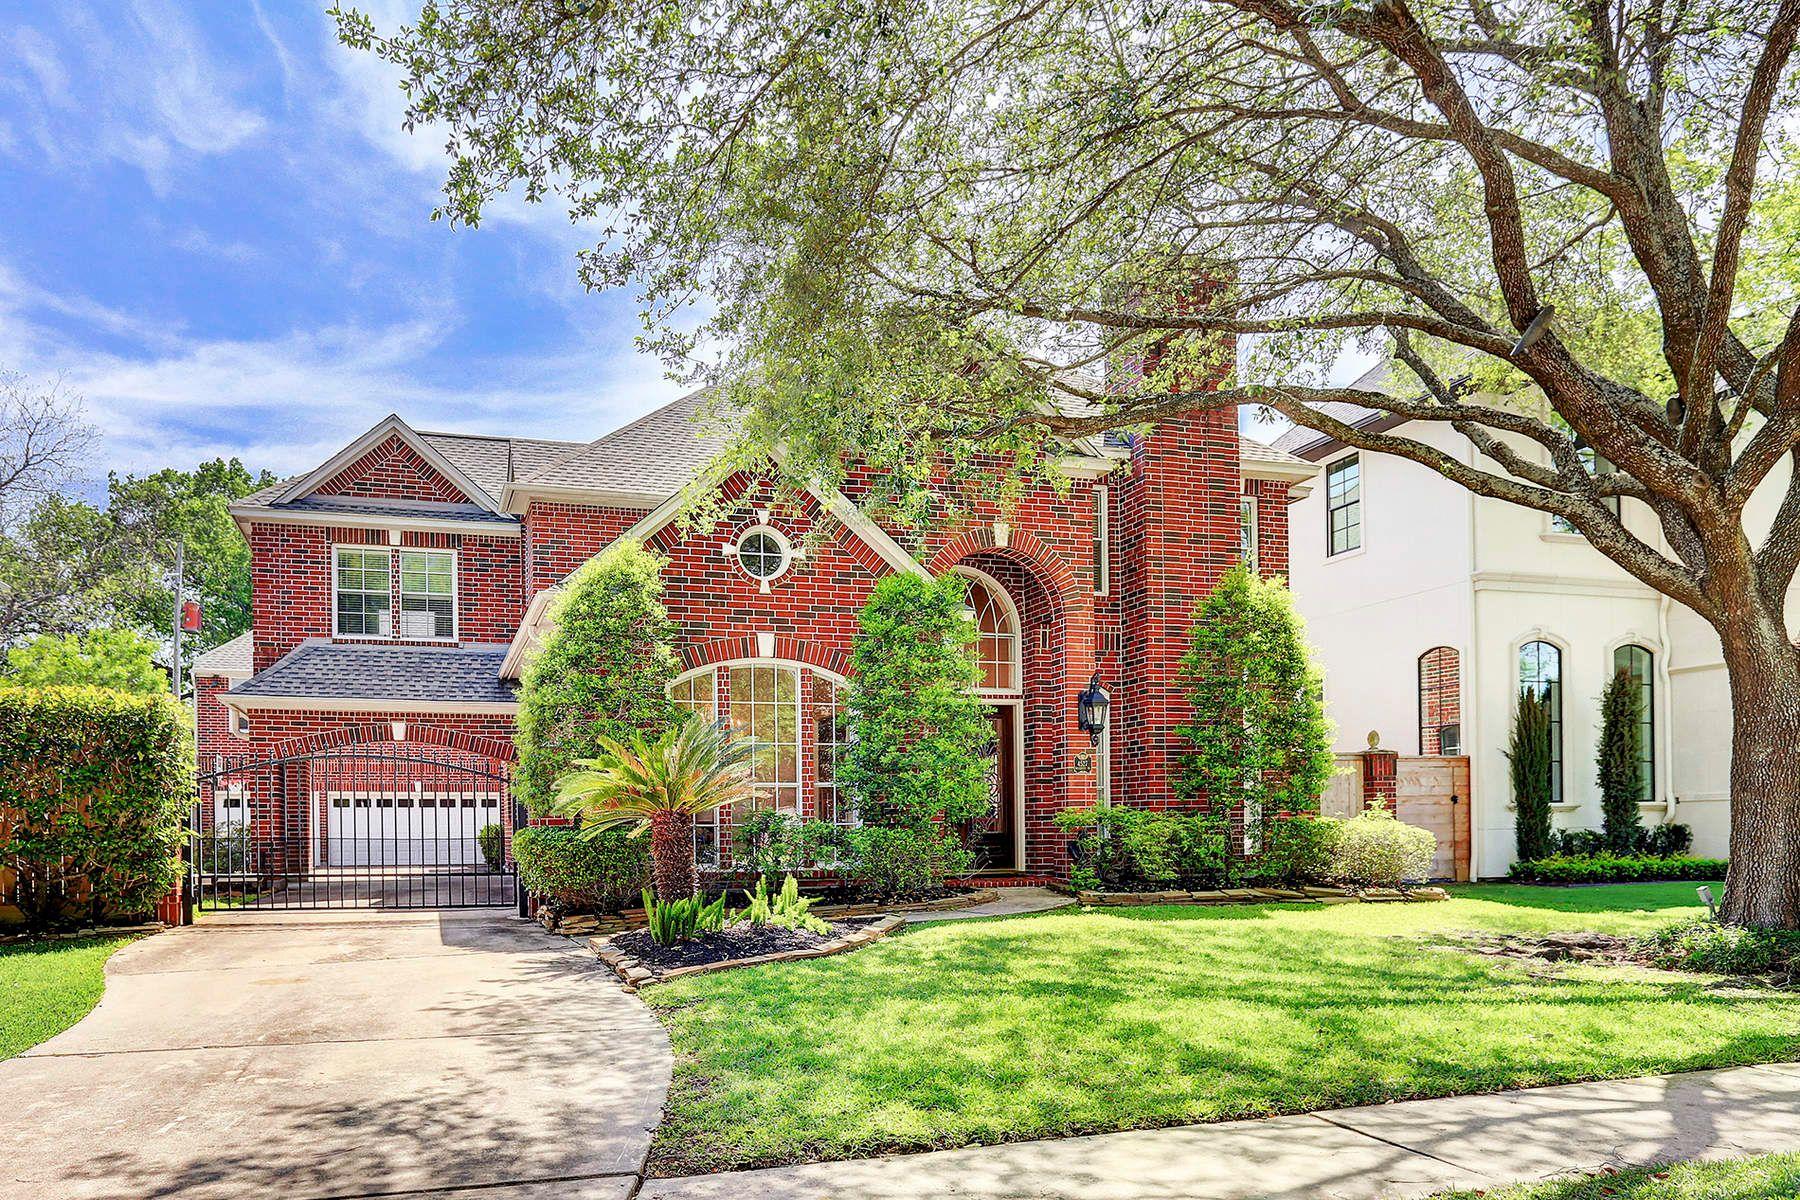 단독 가정 주택 용 매매 에 4527 Braeburn Drive Bellaire, 텍사스, 77401 미국